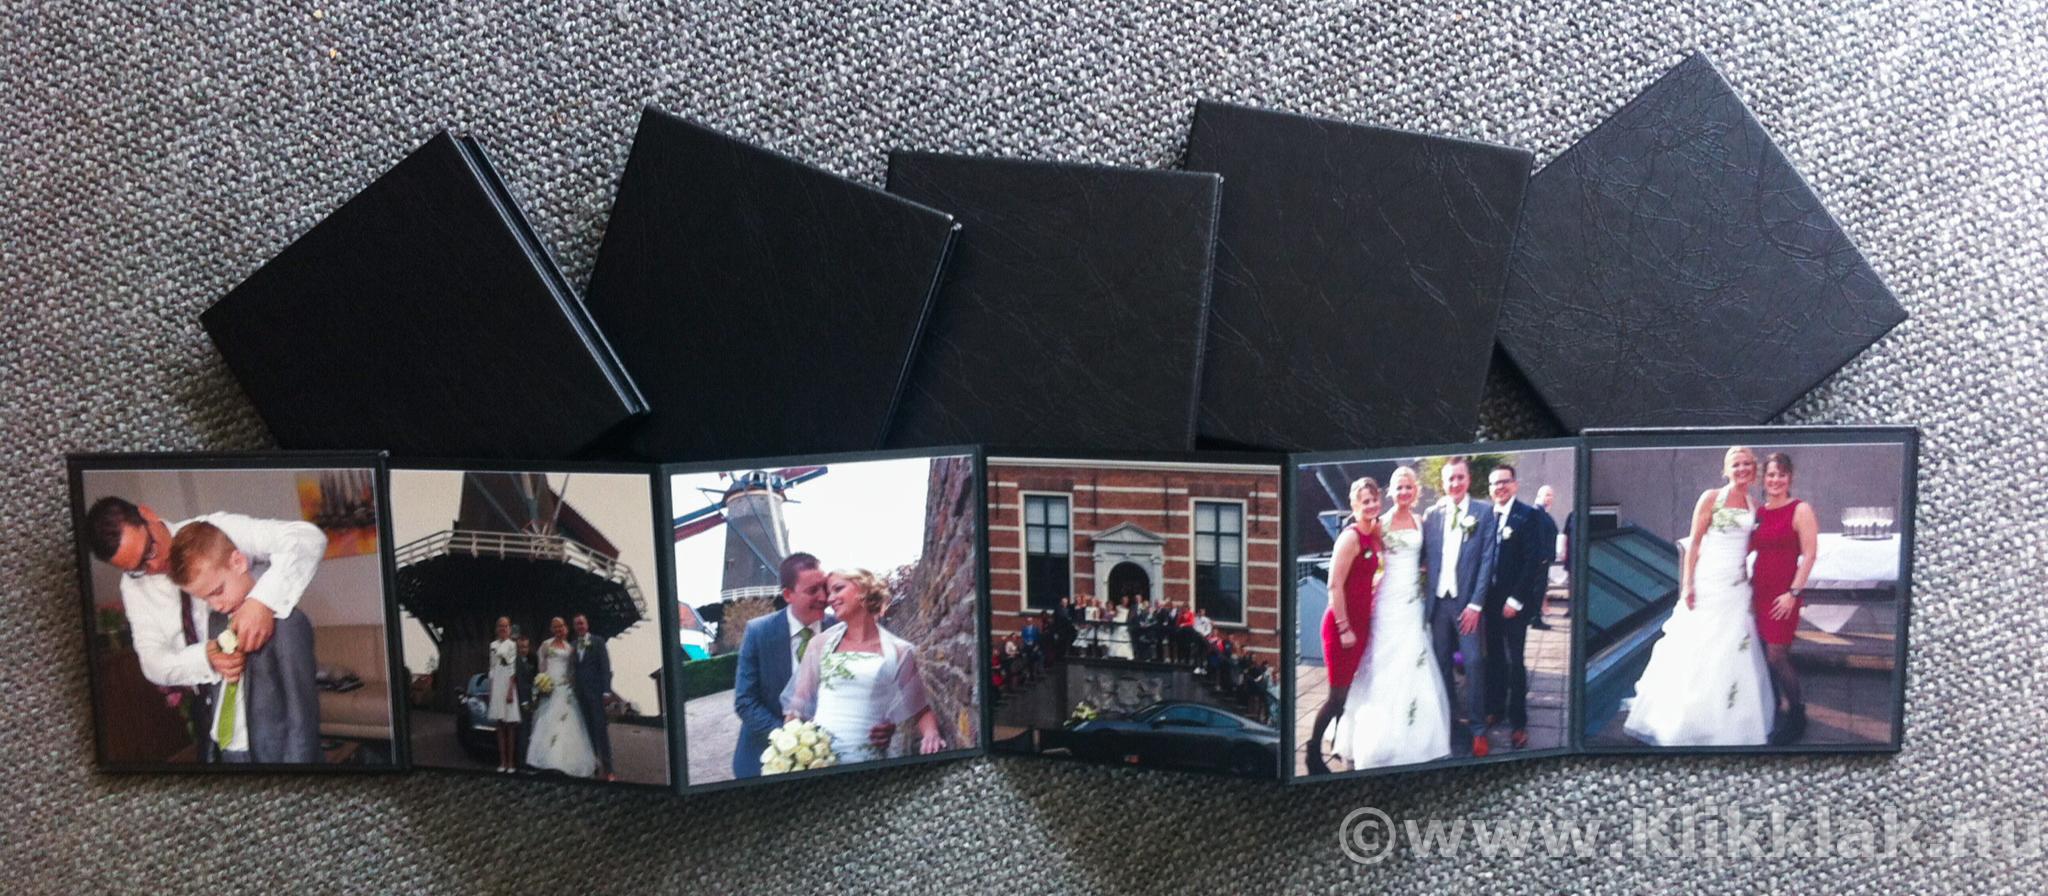 Trouwcadeau accordionmapje met 6 mooie foto's